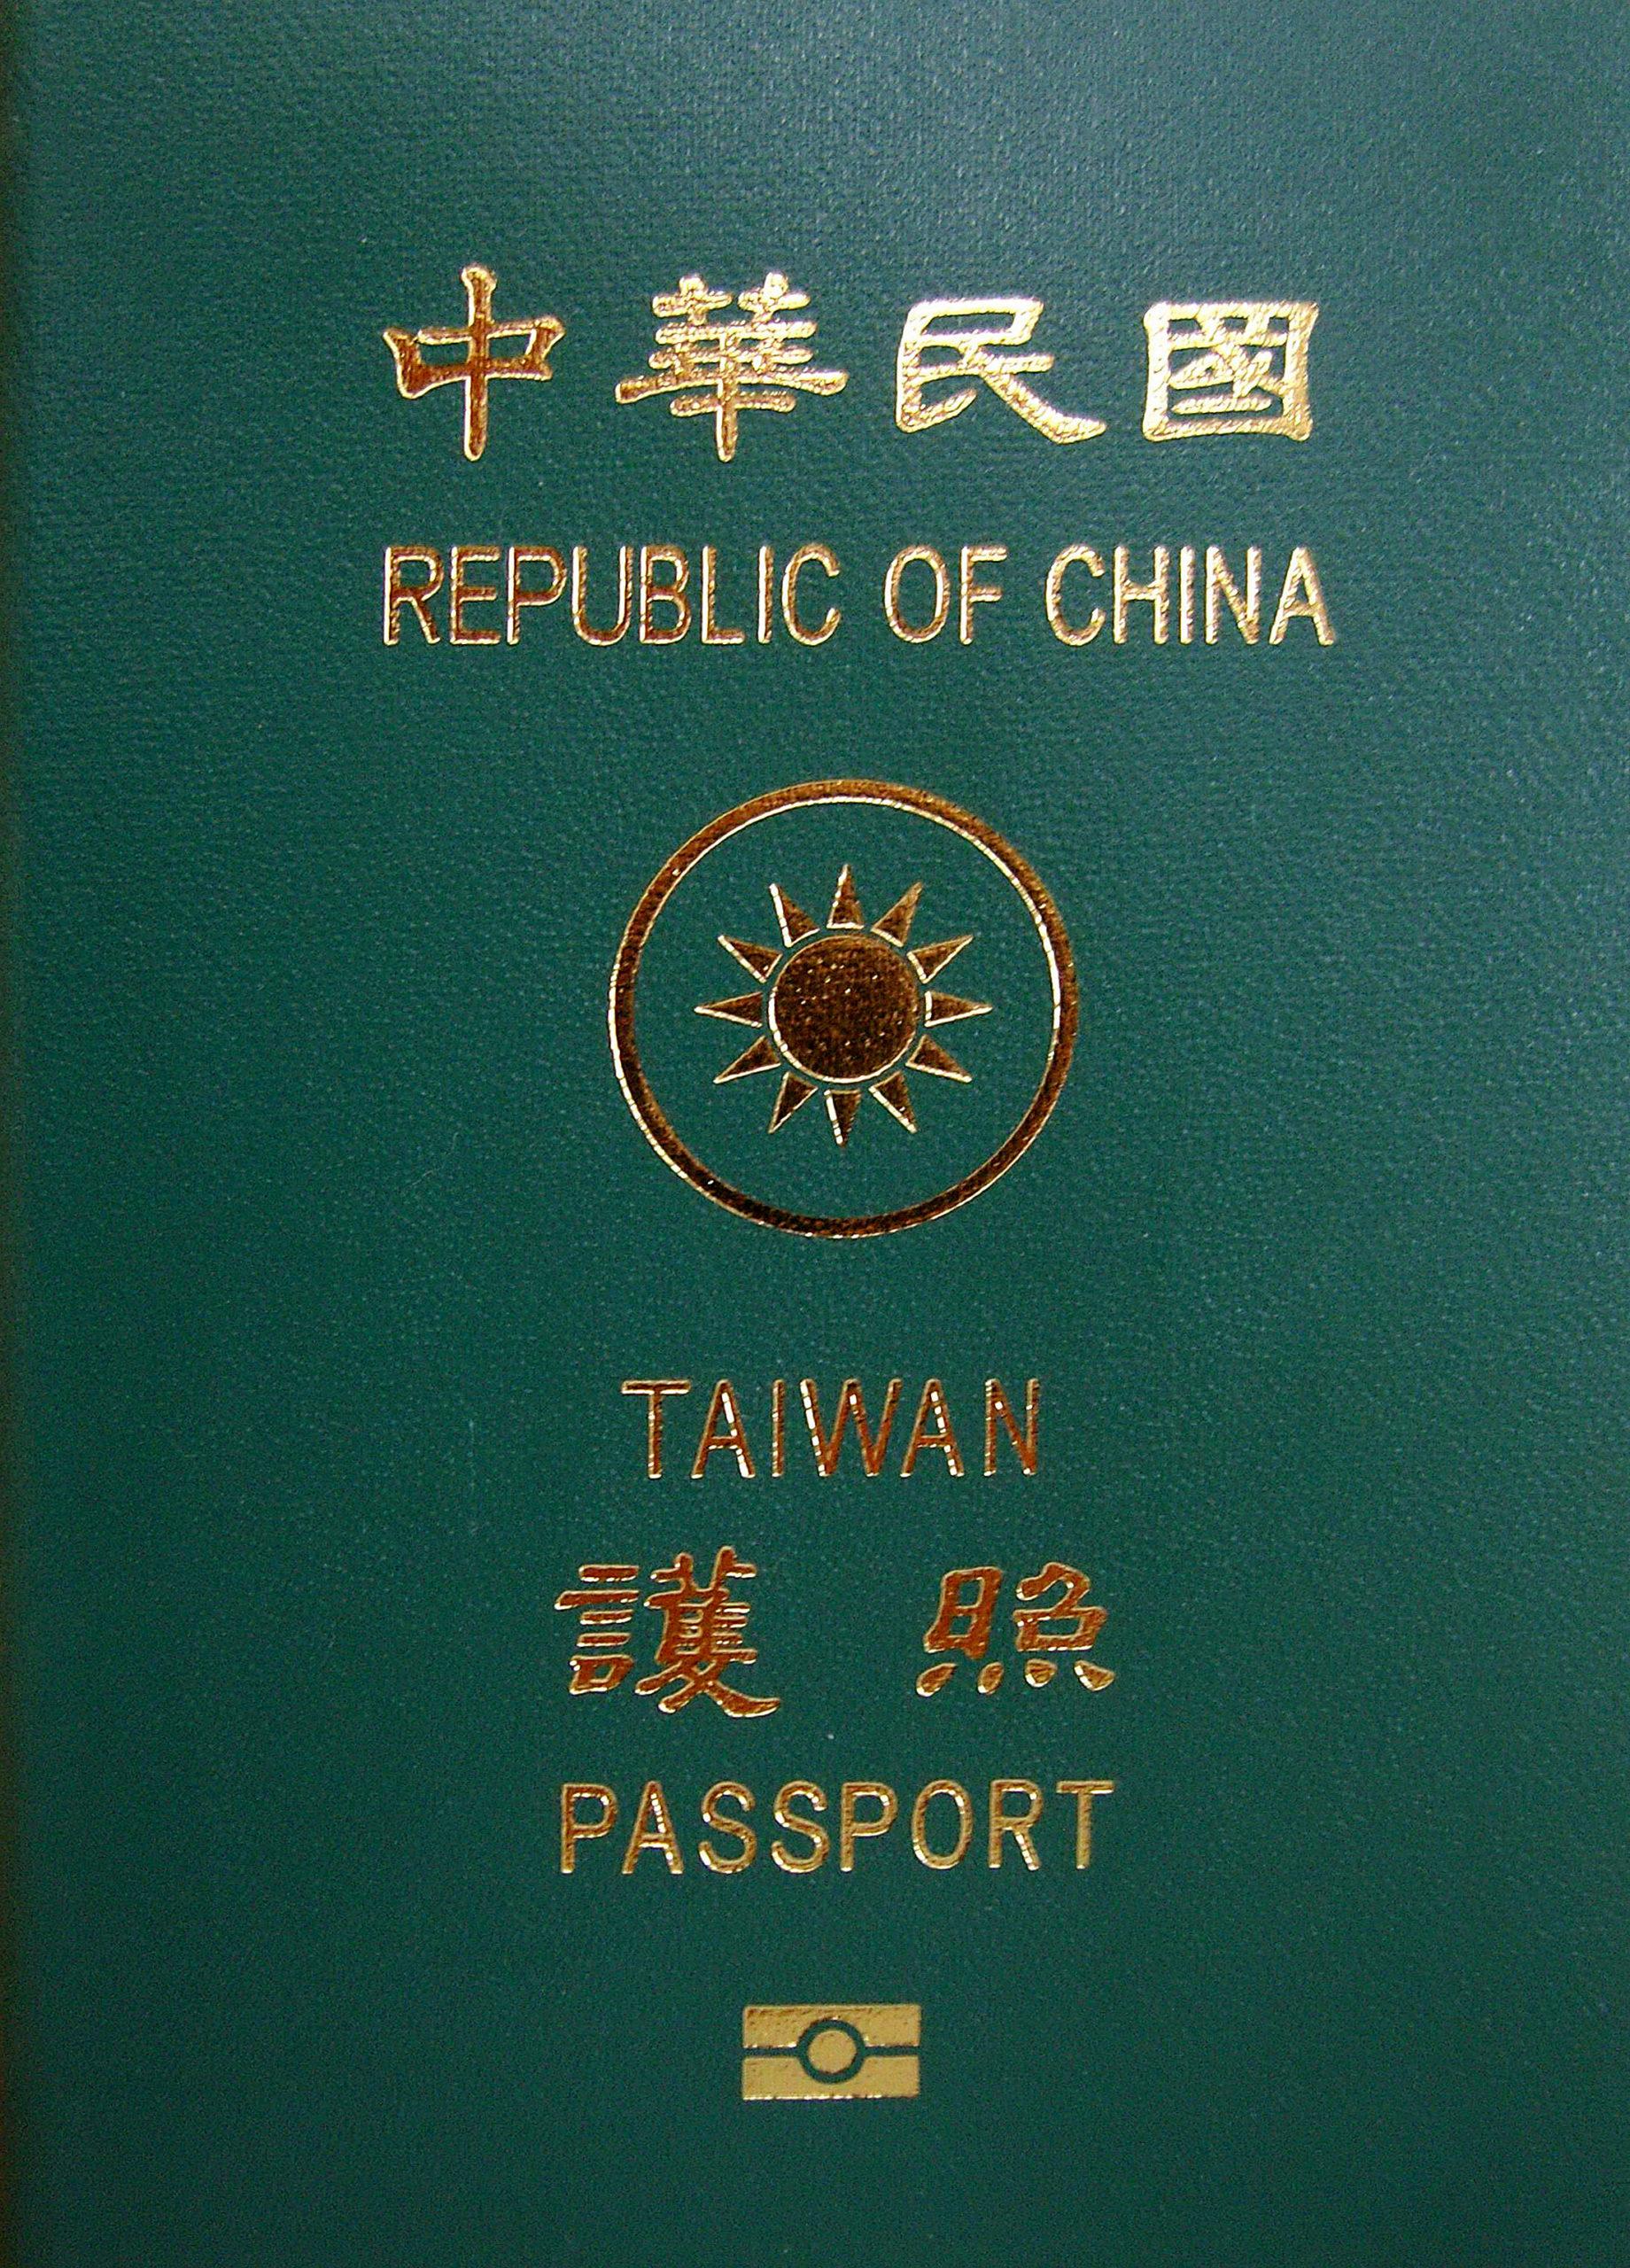 repblicofchina passport